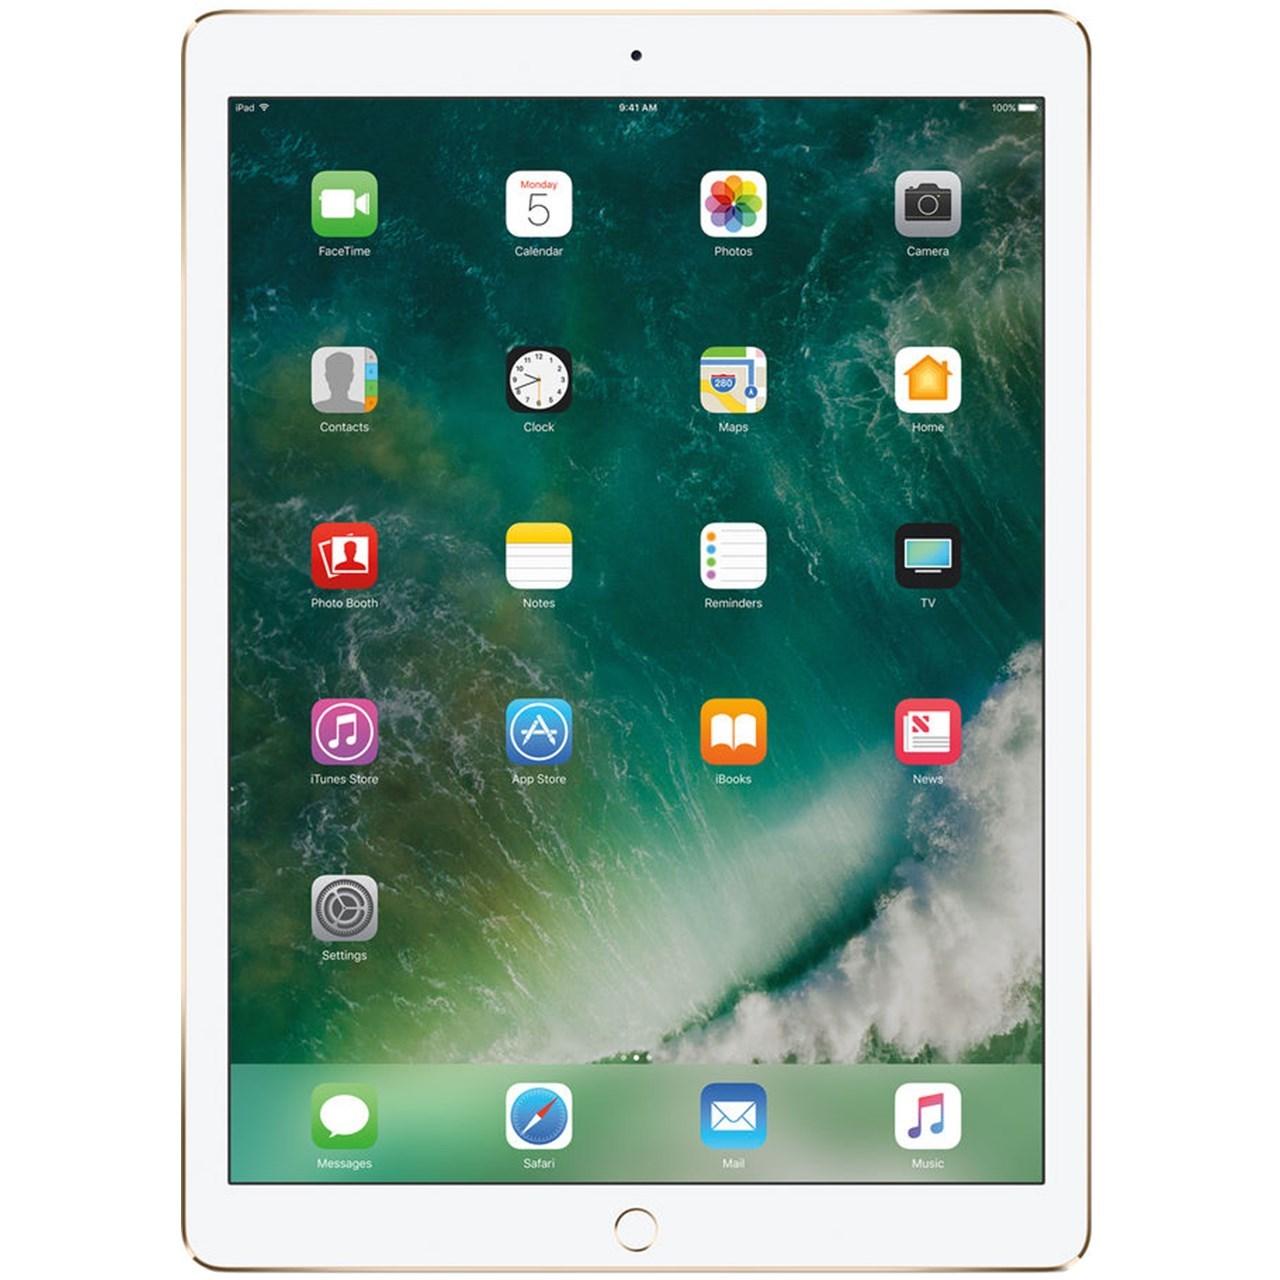 تبلت اپل مدل iPad Pro 12.9 inch 2017 4G ظرفیت 64 گیگابایت